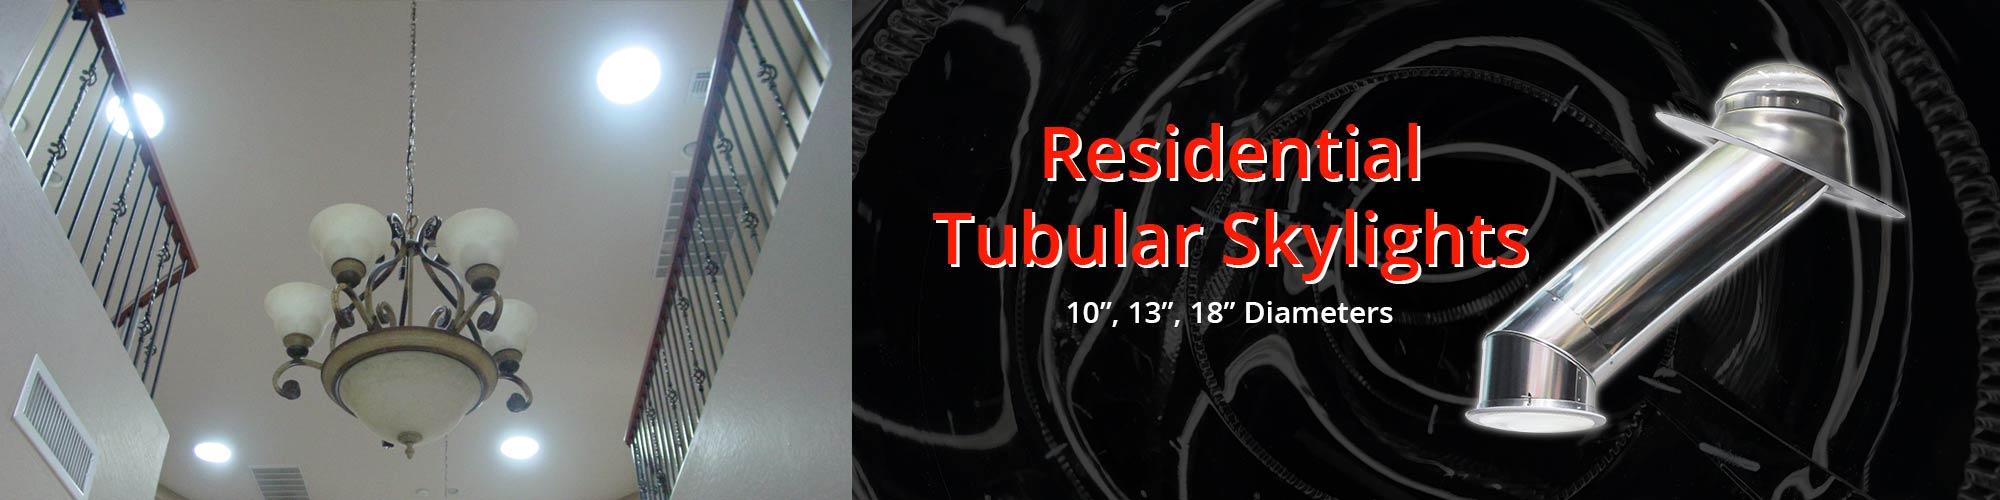 Residential-Tubular-Skylights-Solar-Tubes